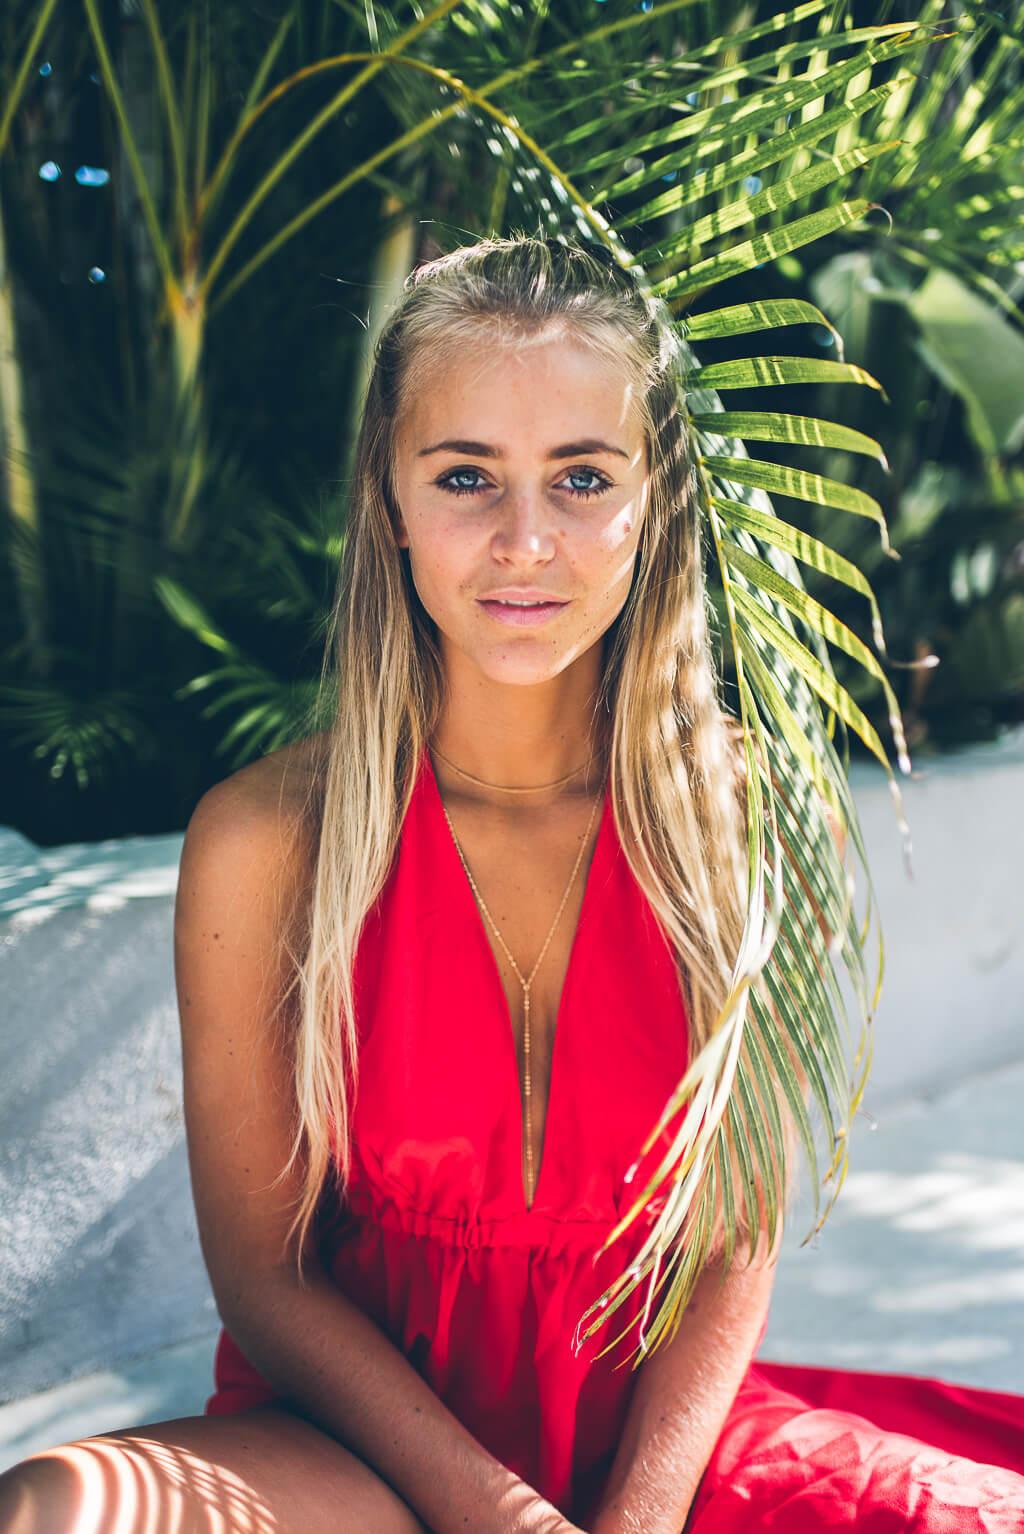 janni-deler-red-silk-dressDSC_1369